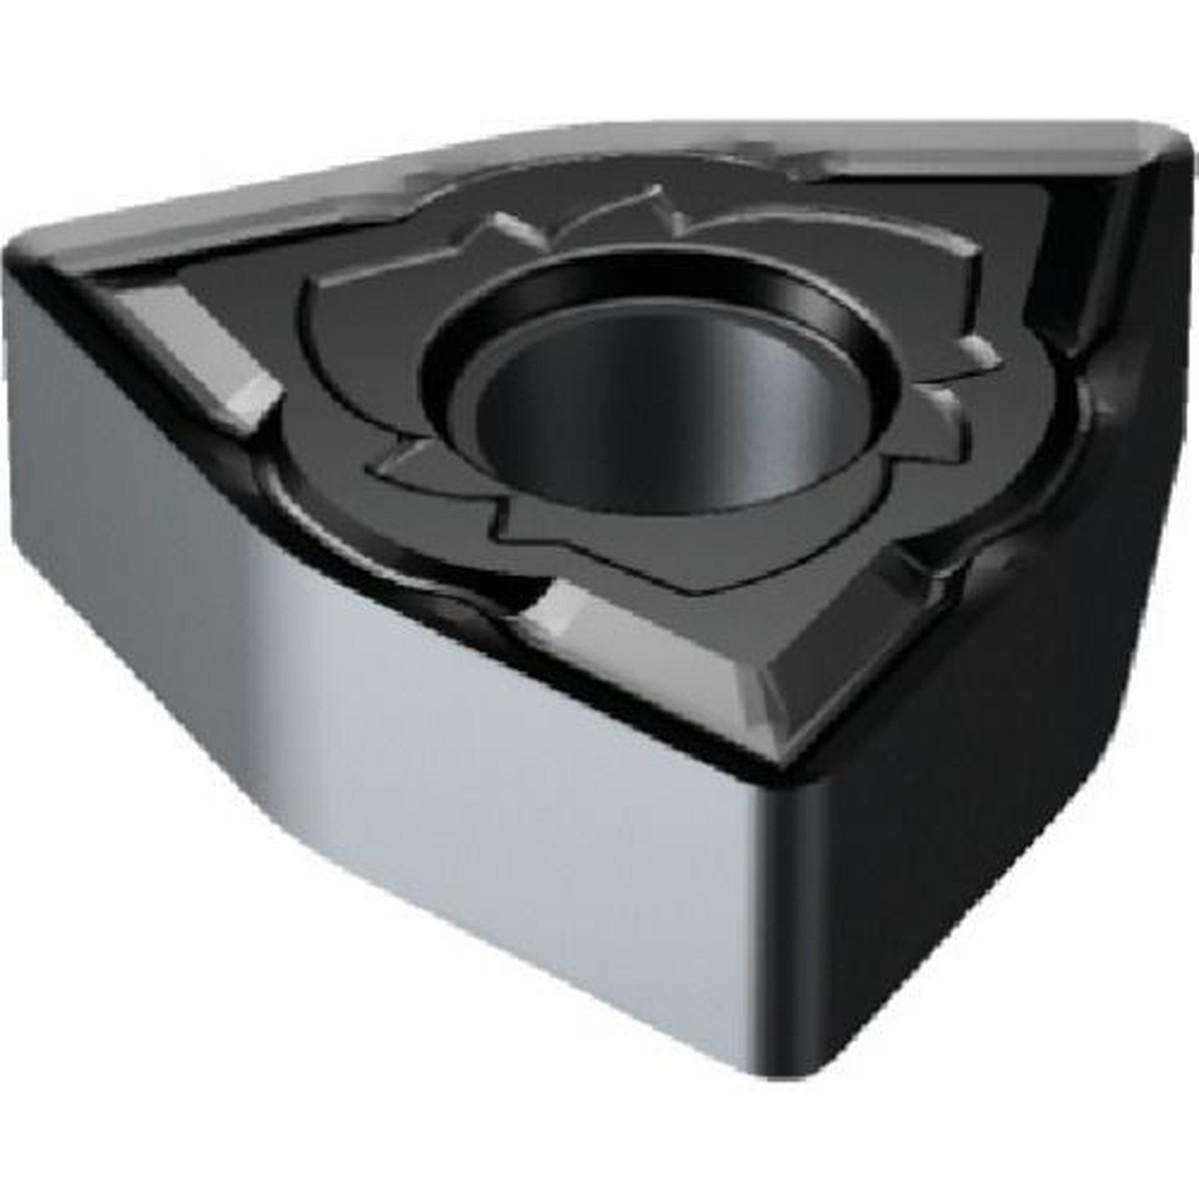 あす楽対応 DIY用品 数量限定 サンドビック T-Max P 旋削用ネガ 10個 スーパーセール チップ H13A